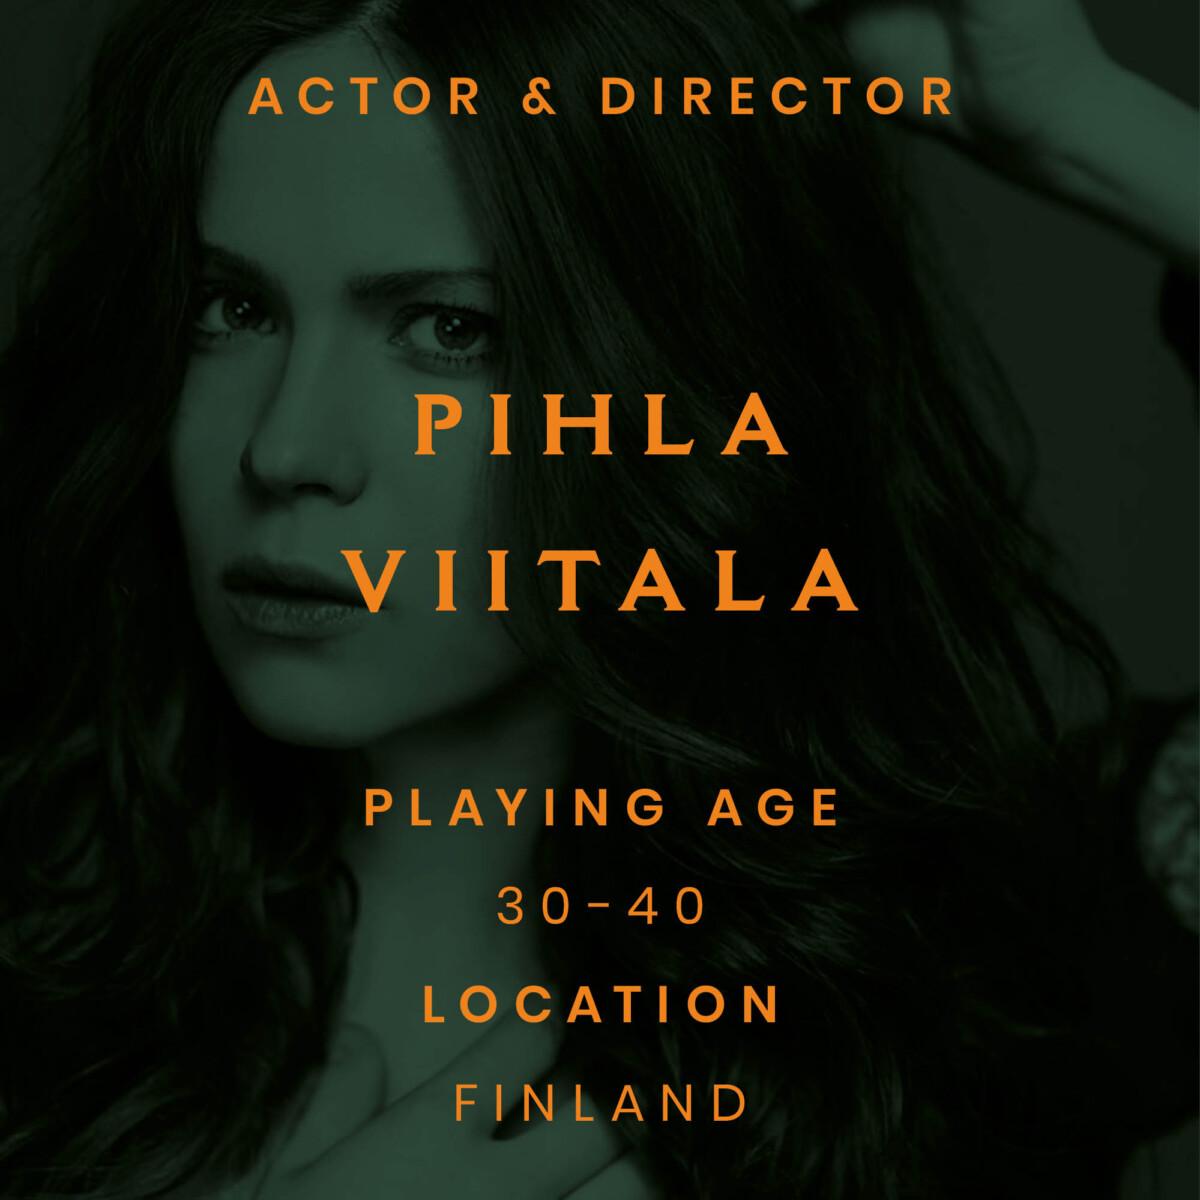 Pihla Finland actor